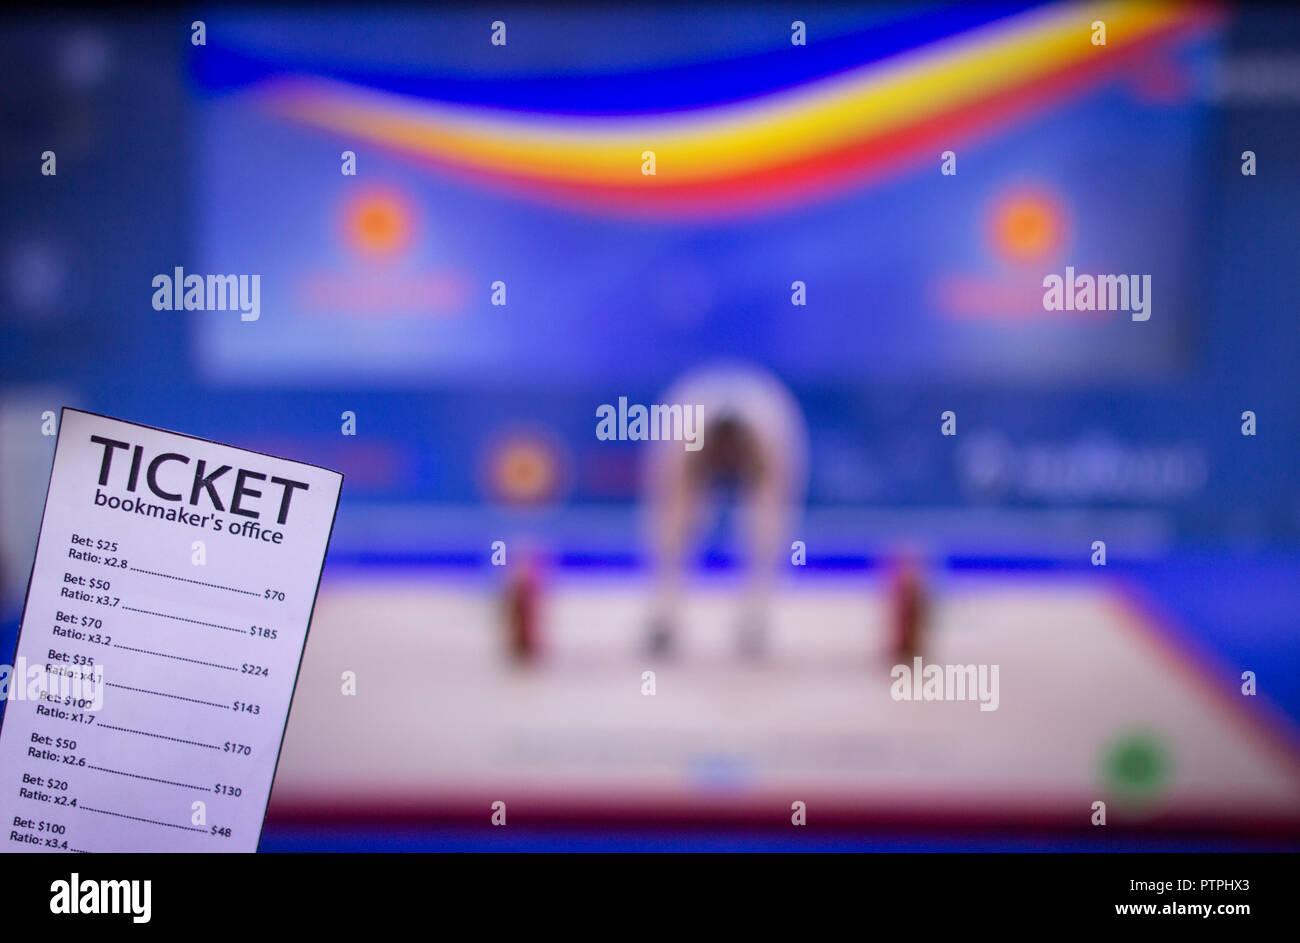 Ticket bookmaker sur le fond de la télévision sur laquelle afficher l'haltérophilie, les paris sportifs, barbell Photo Stock